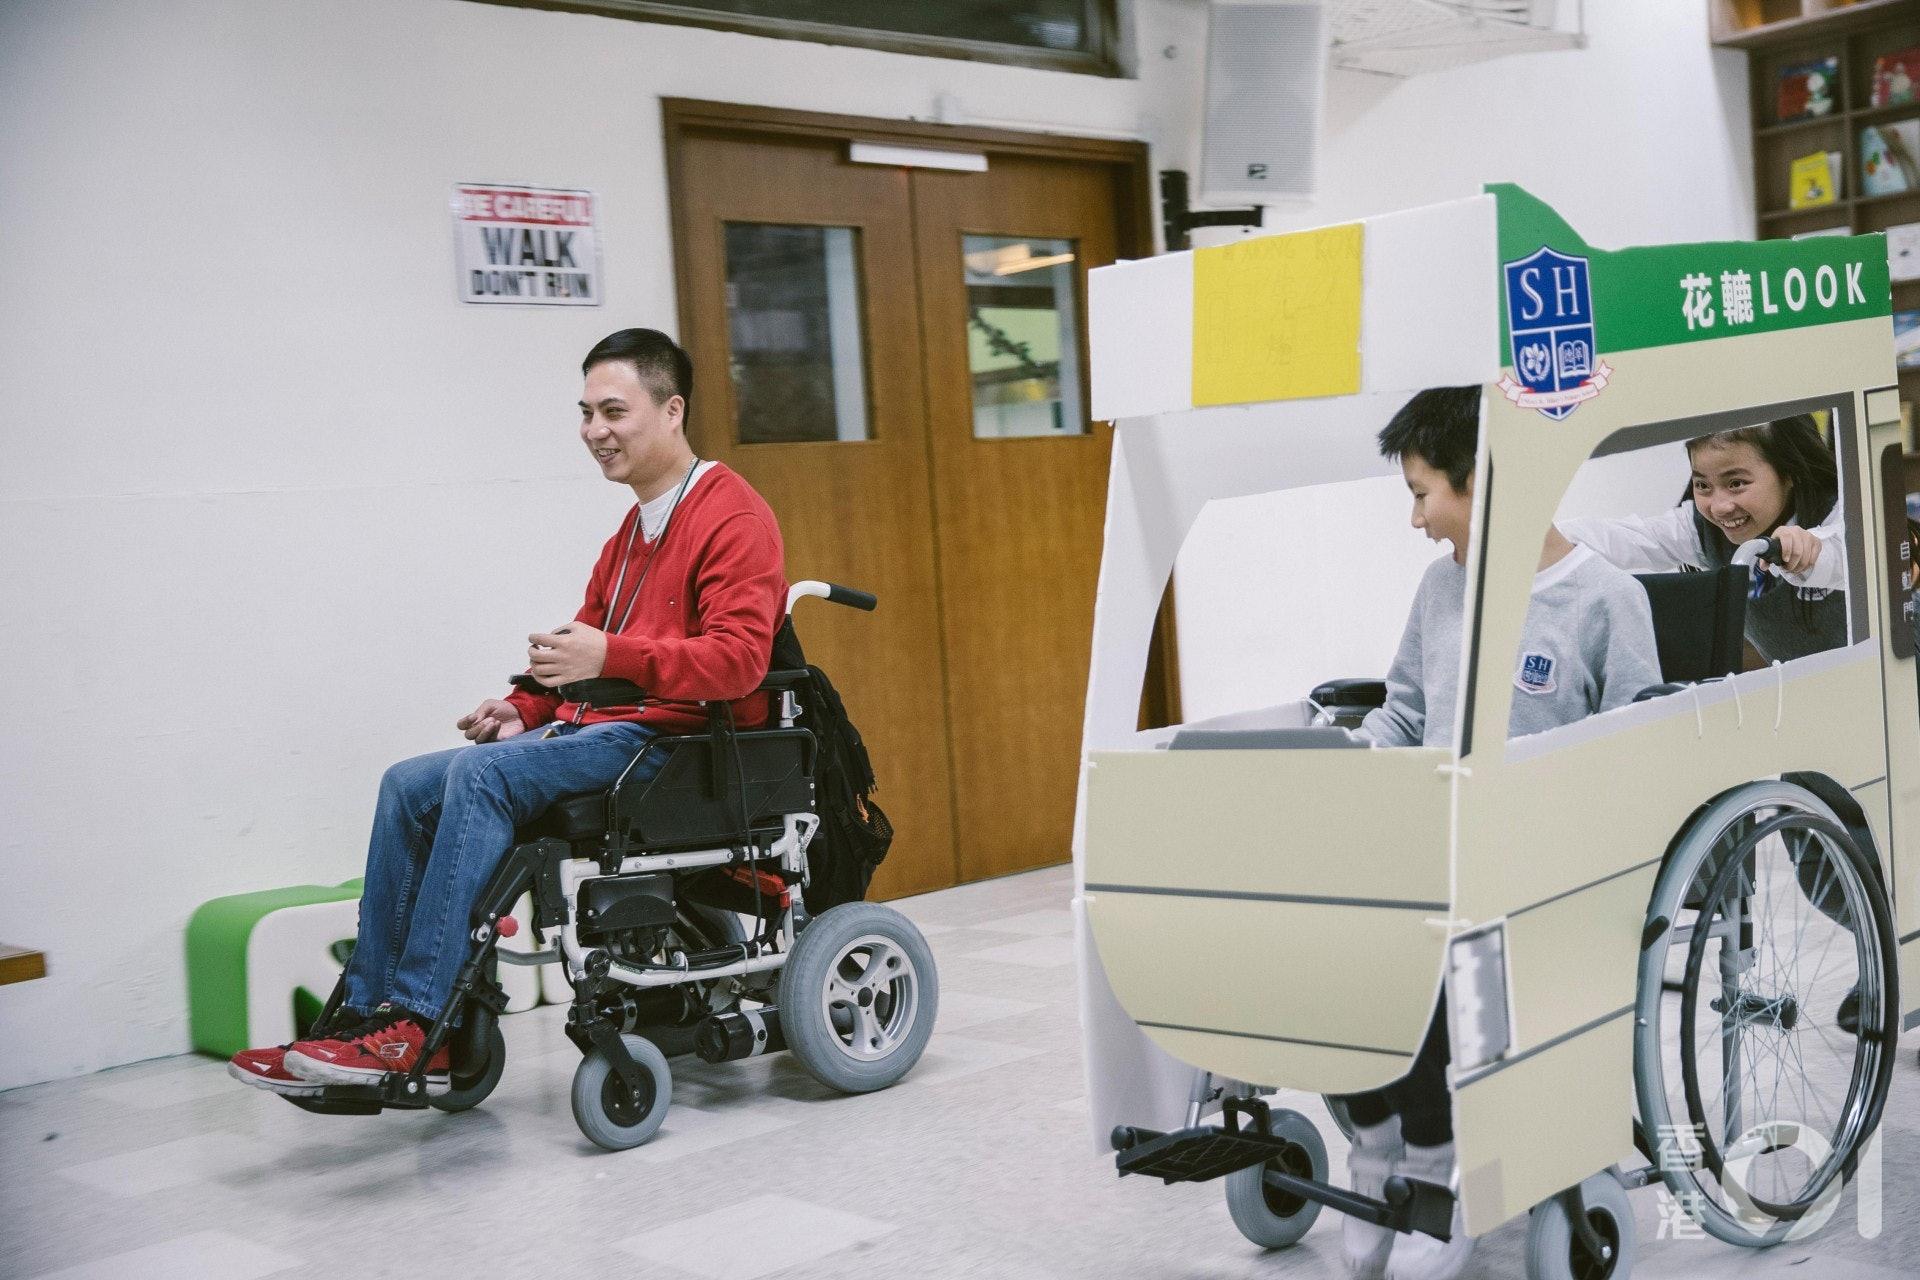 學生們和路向四肢傷殘人士協會副主席柳冕來了一場輪椅比賽。(鄭子峰攝)